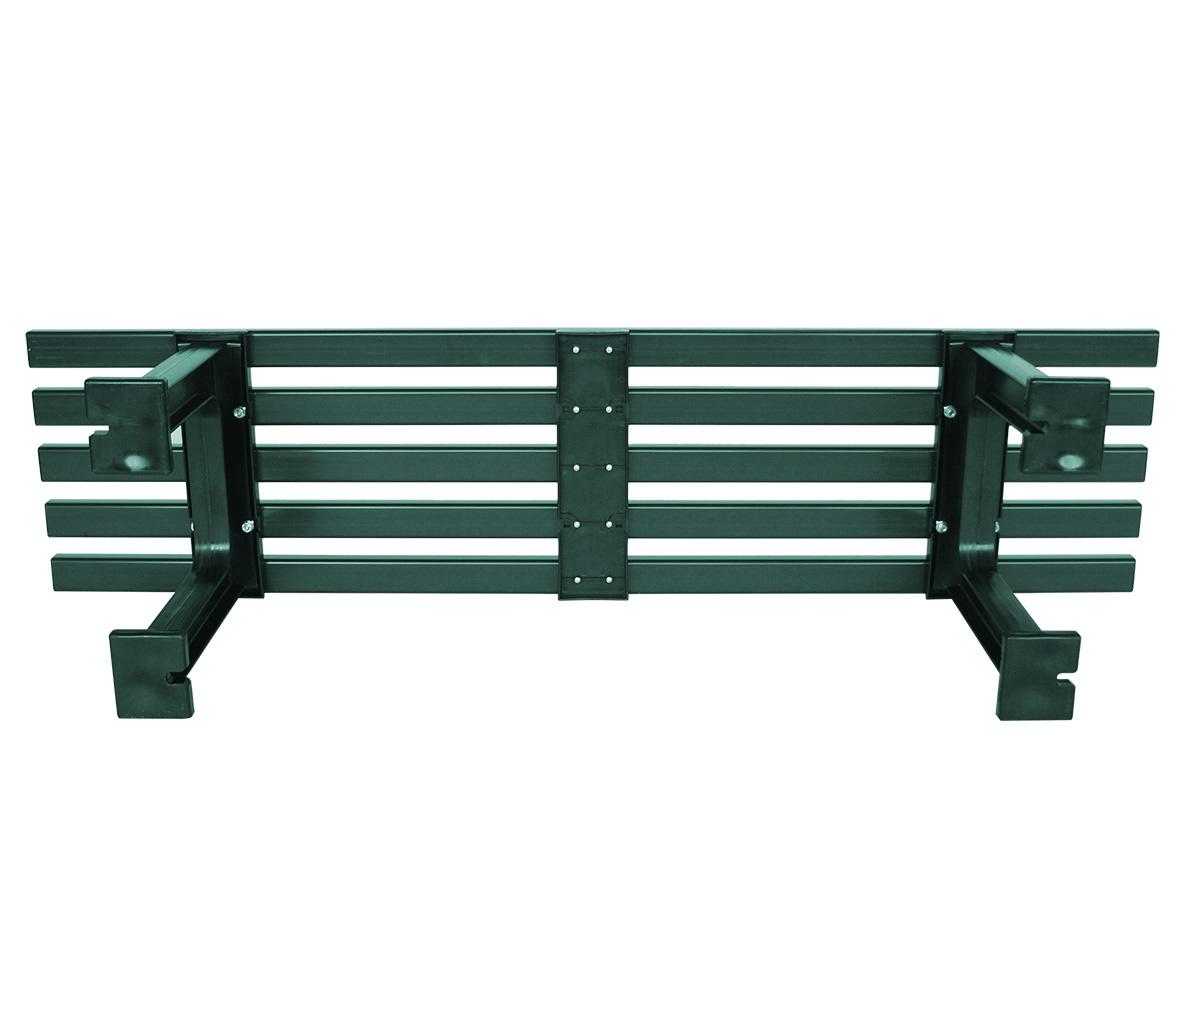 Hockerbank MONO 3-sitzer, Kunststoff grün